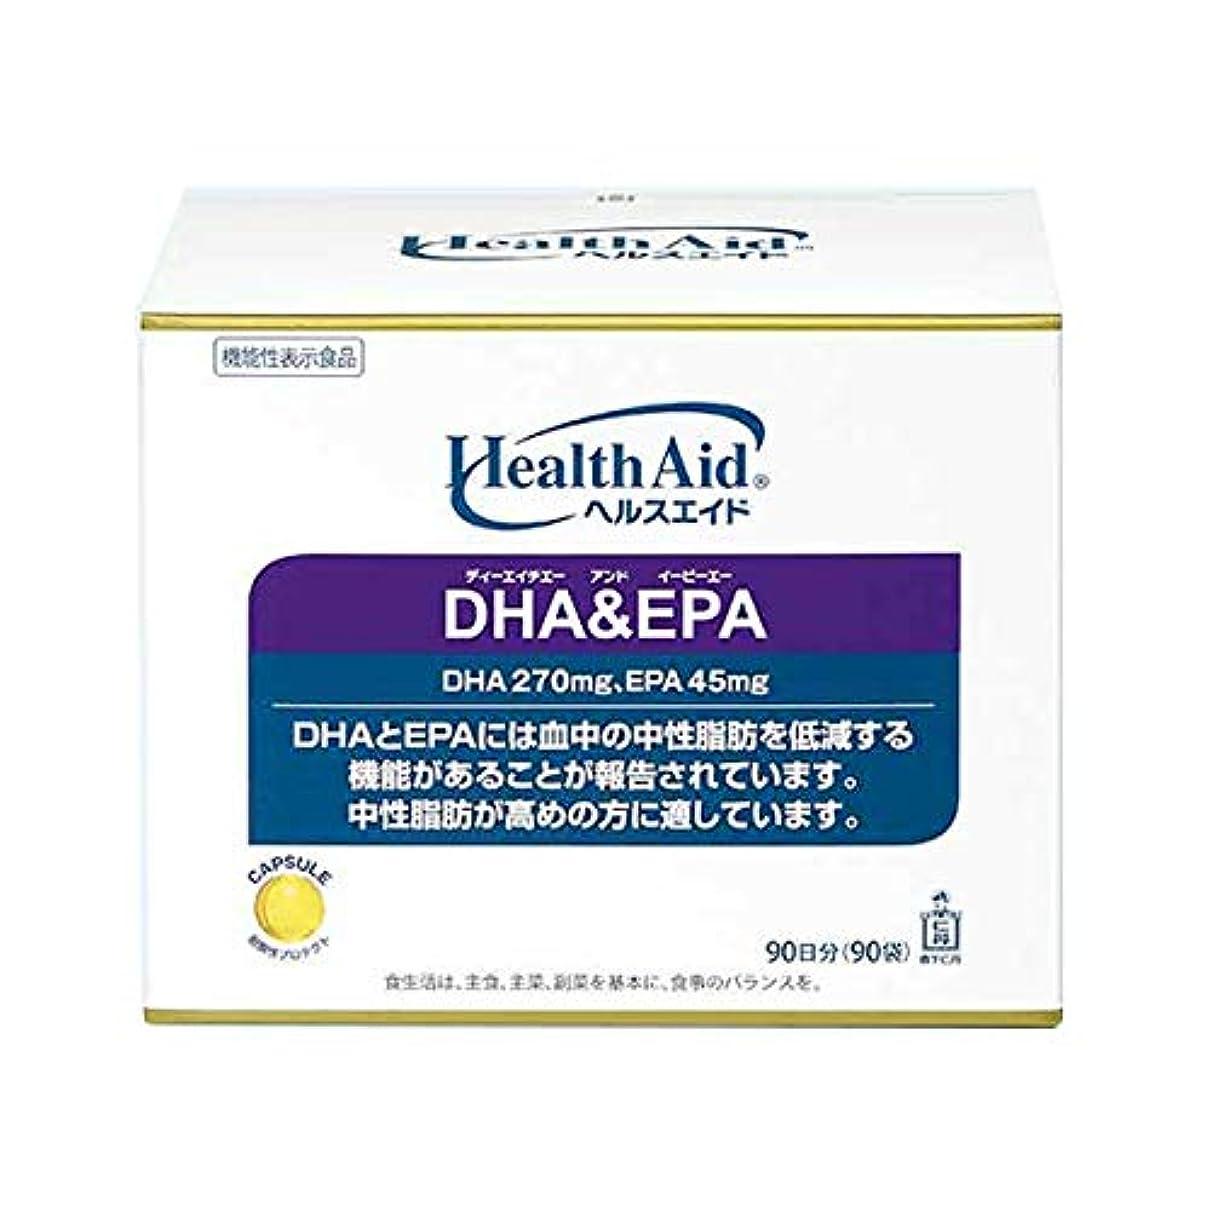 ロック解除溶けたフリース森下仁丹 ヘルスエイド®DHA&EPA 90日分(90袋) [機能性表示食品]